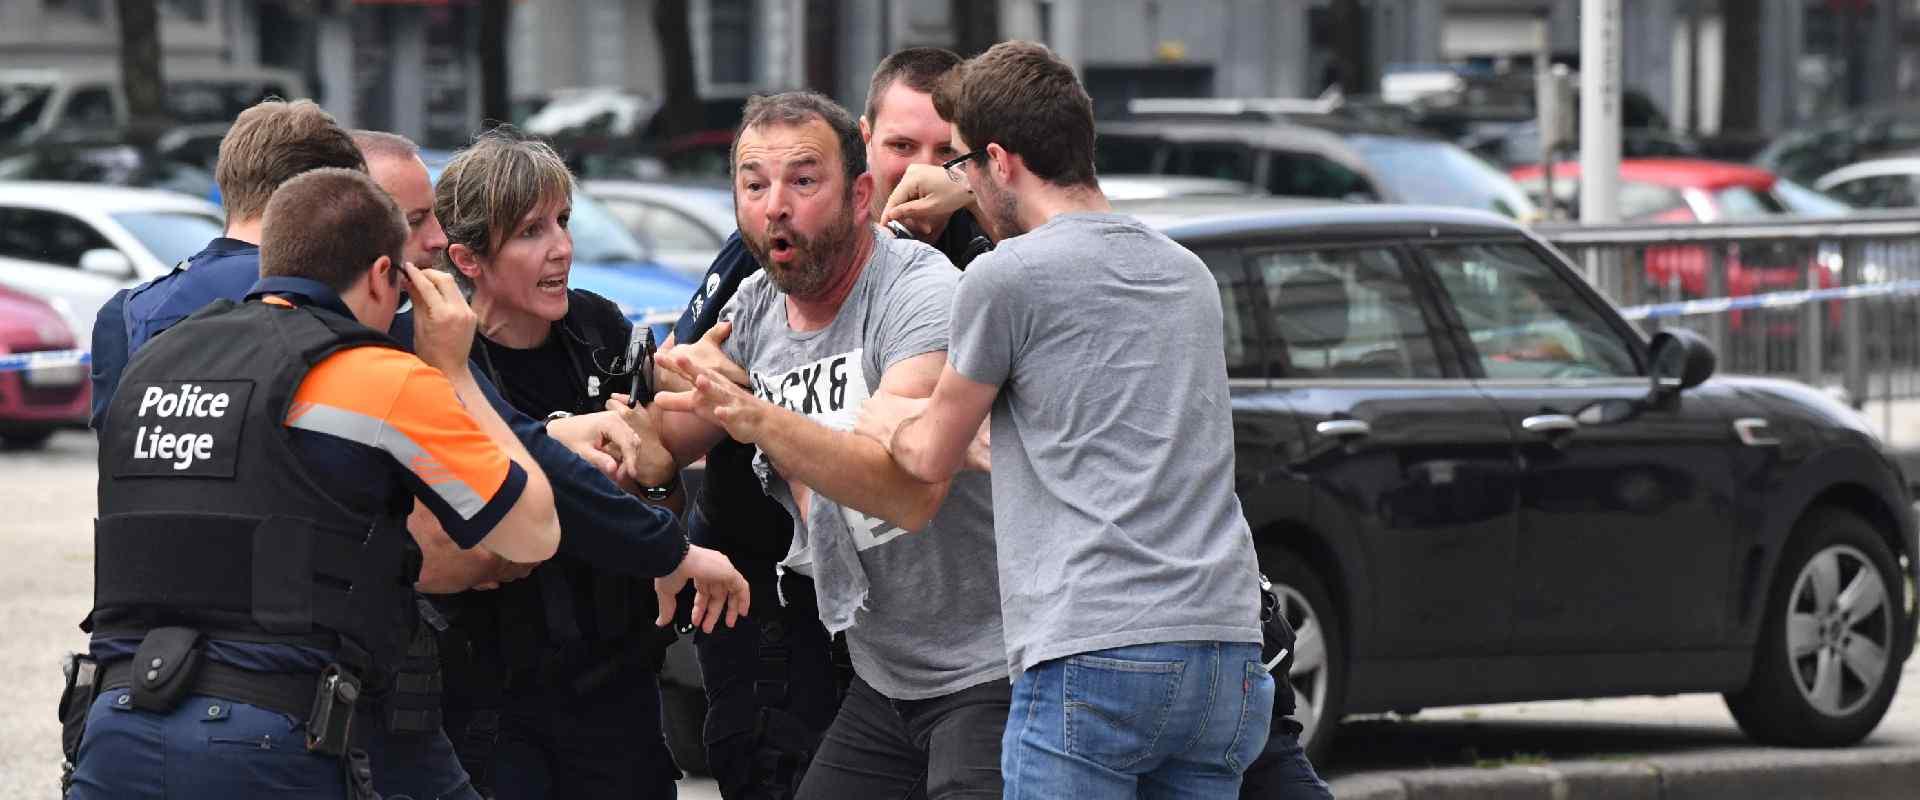 שוטרים מנסים להרגיע עד ראייה בבלגיה